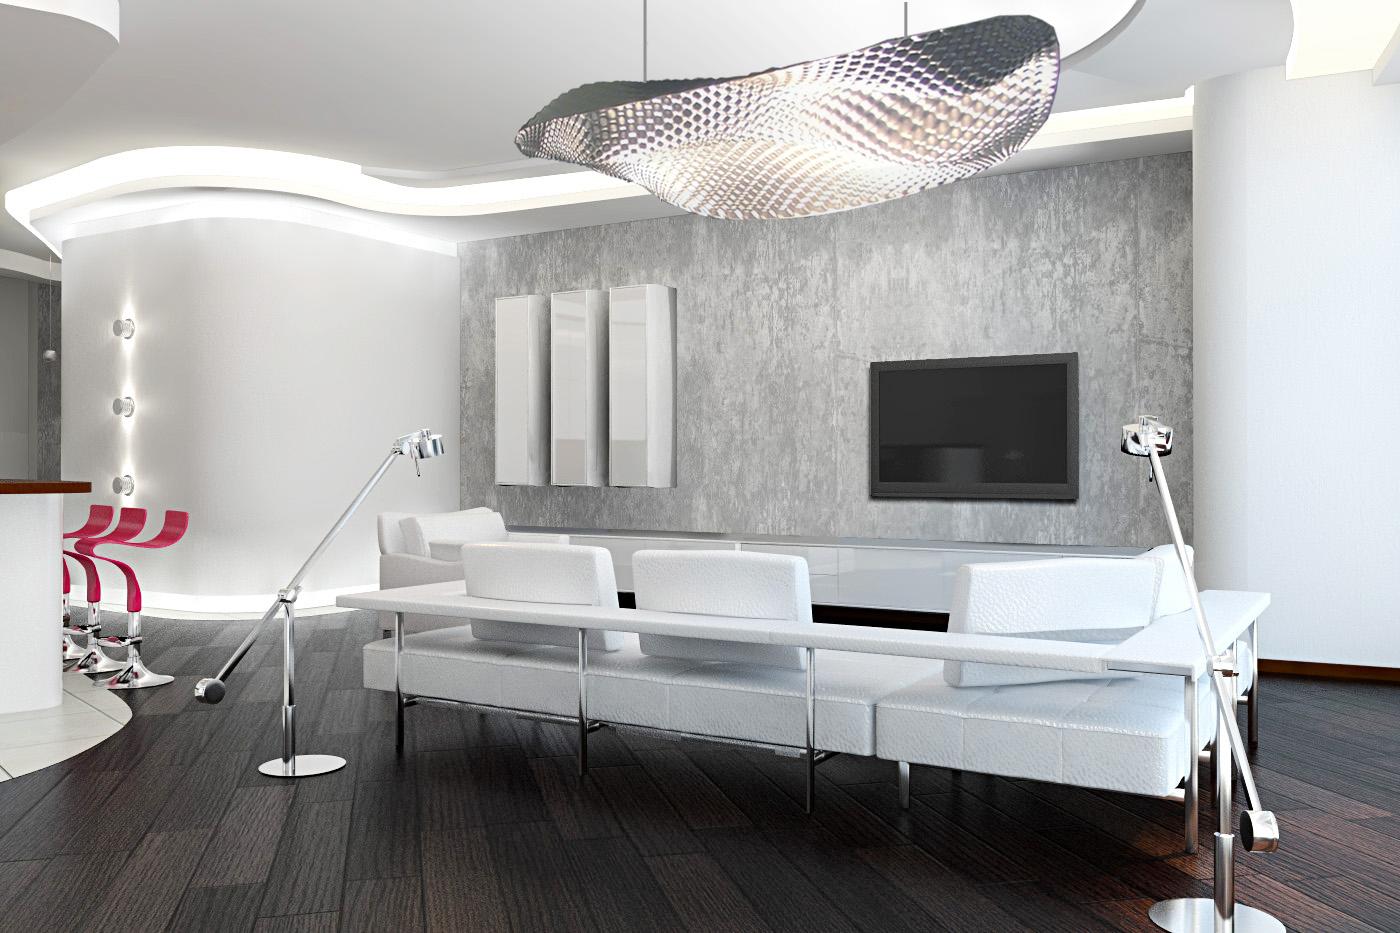 Кутузовская Ривьера,дизайн интерьера